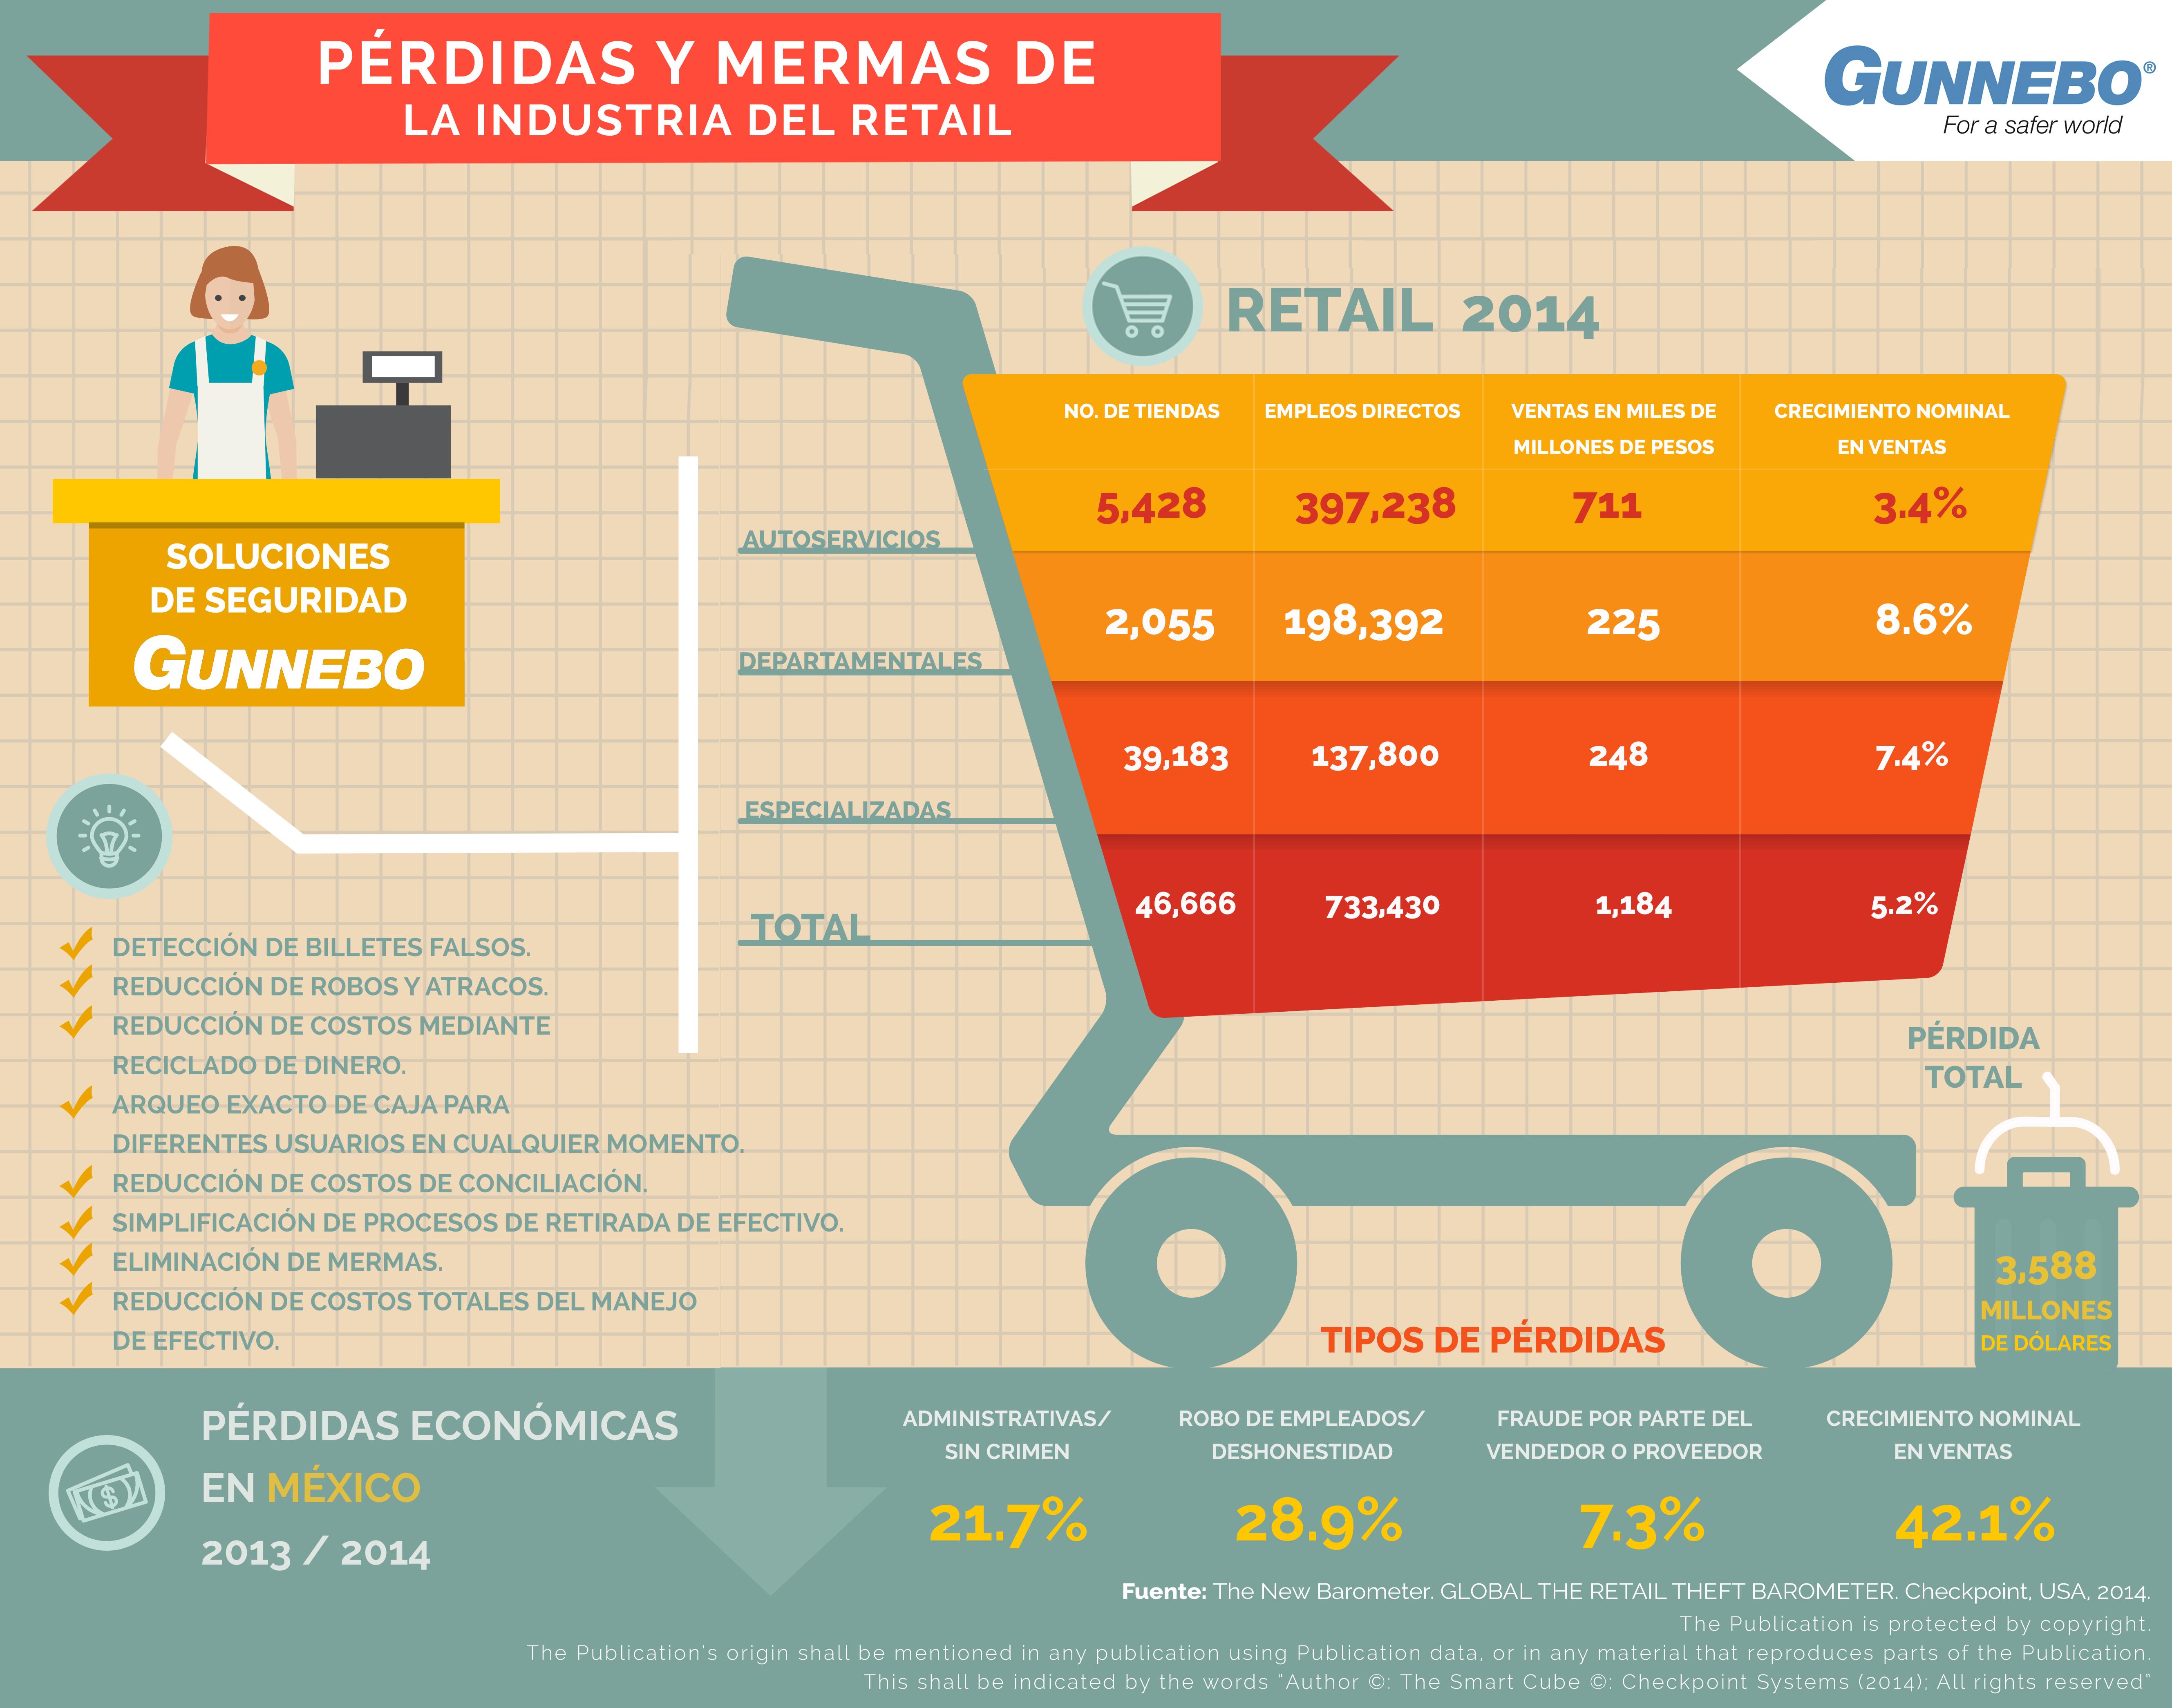 Infografía de Gunnebo sobre las pérdidas en la industria retail por una mala gestión de las informaciones.